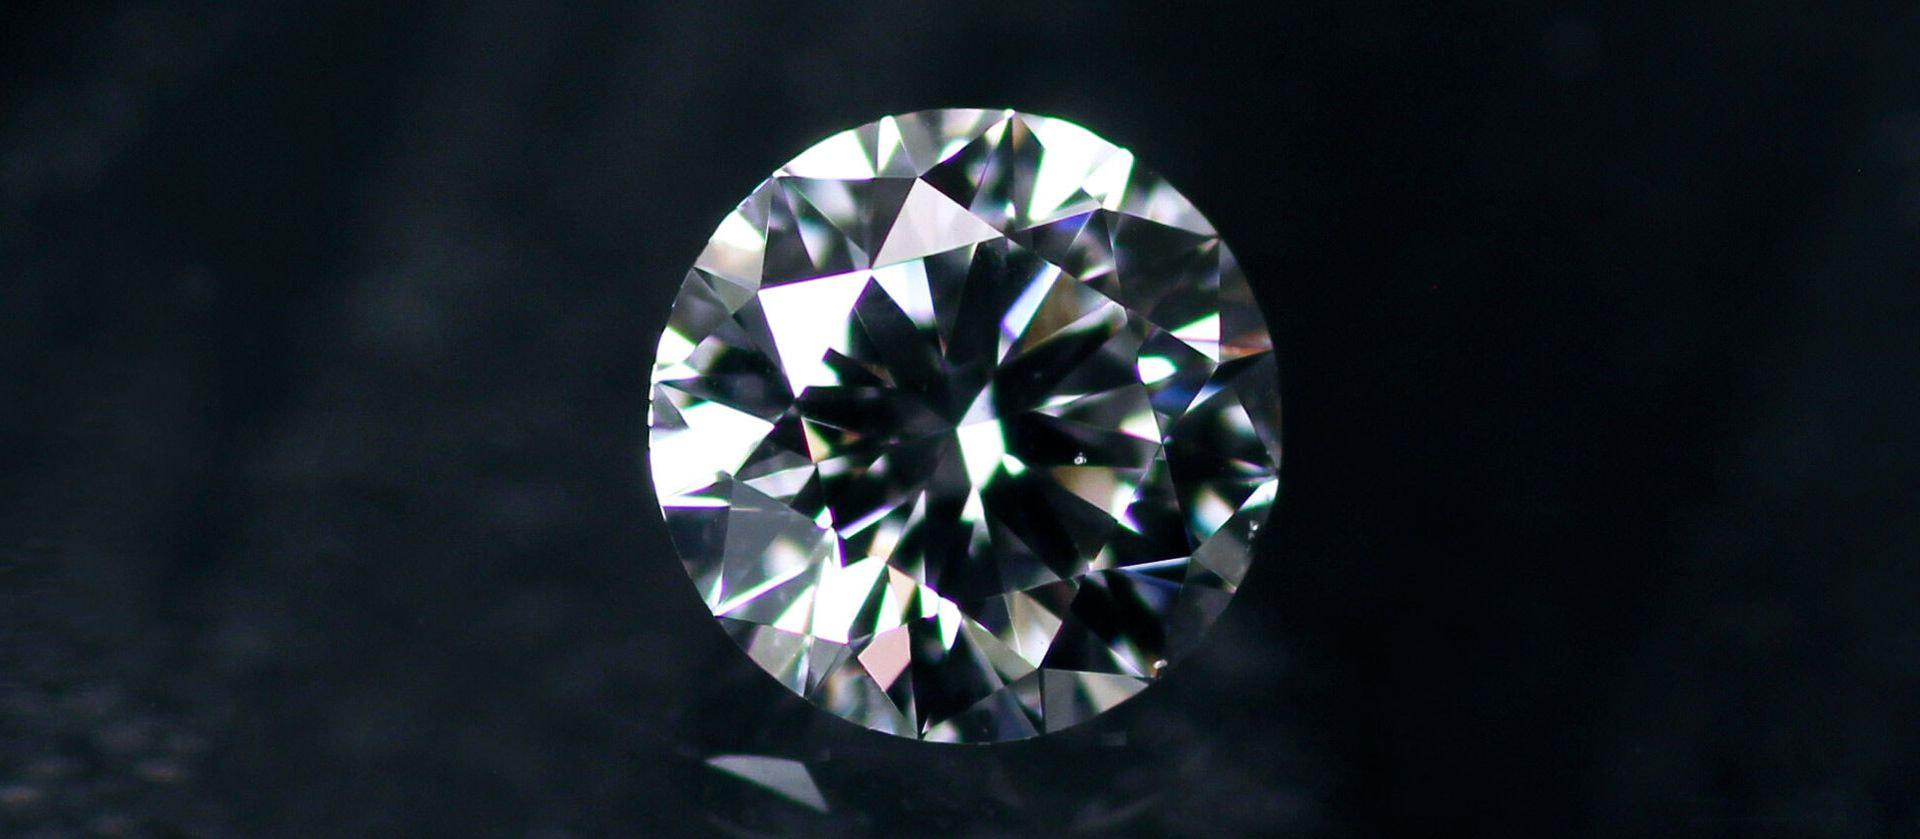 天然ダイヤモンド 0.260ct -D-VS1-3EXHC